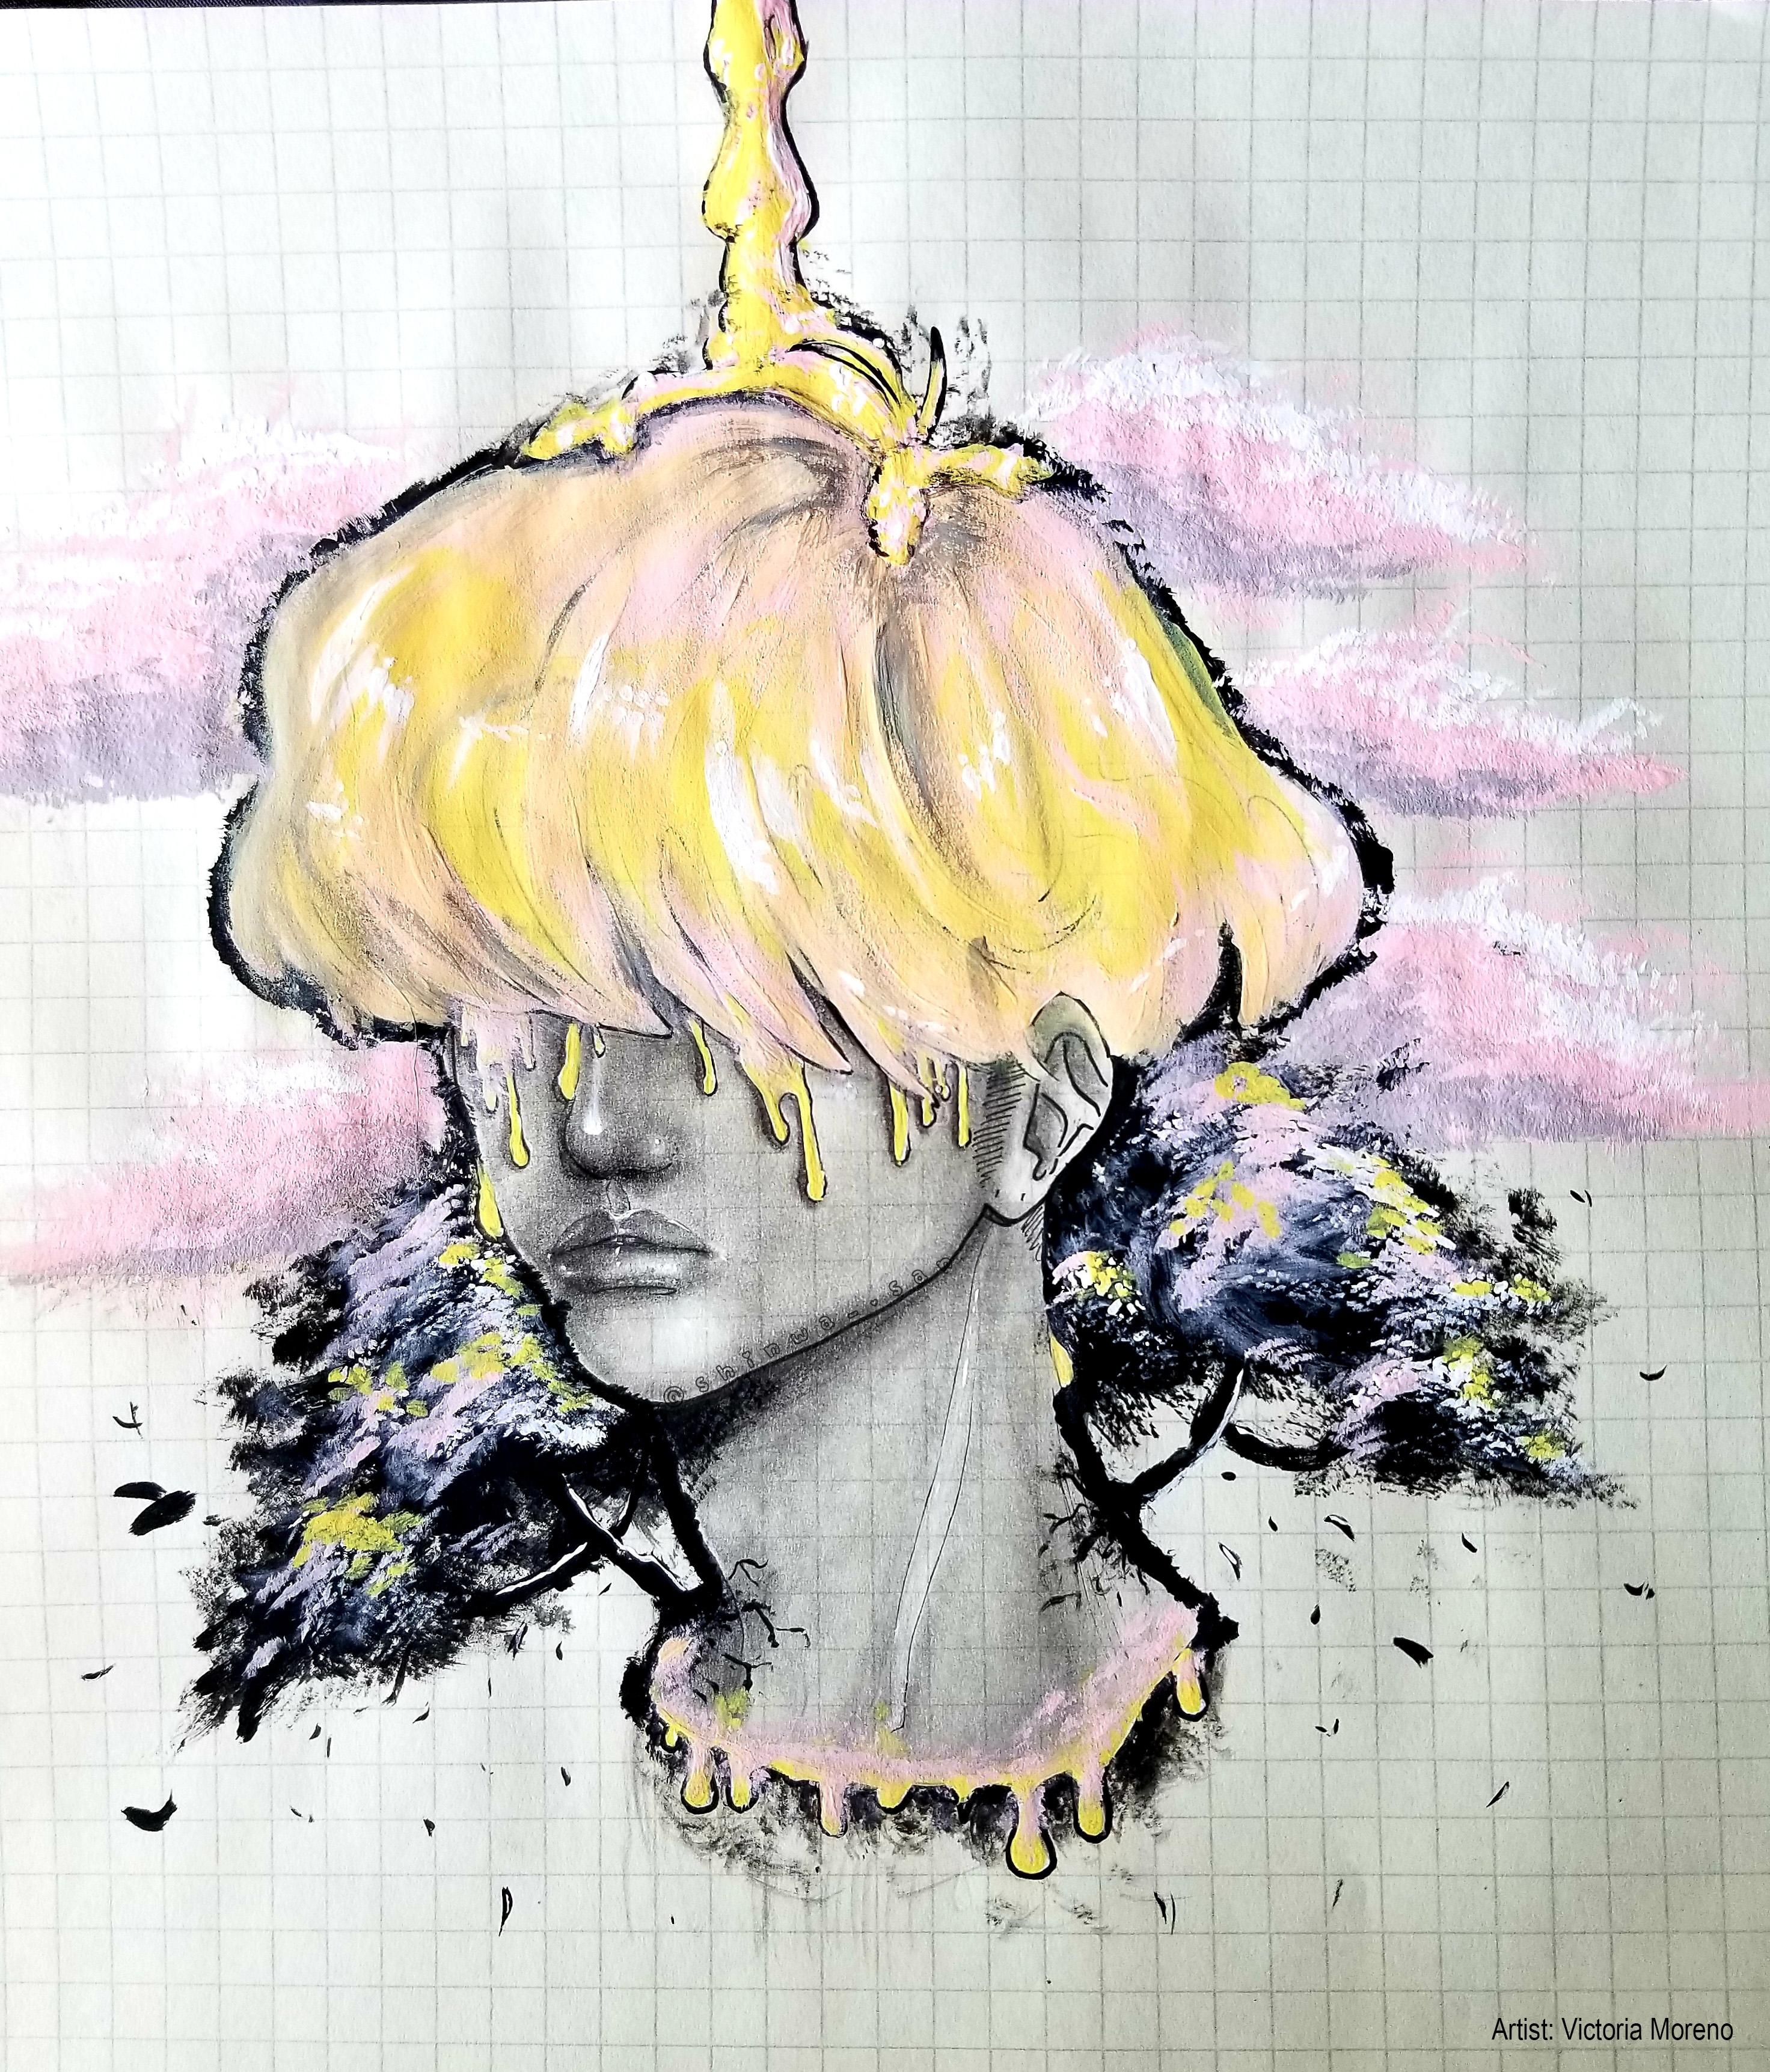 Artist: Victoria Moreno